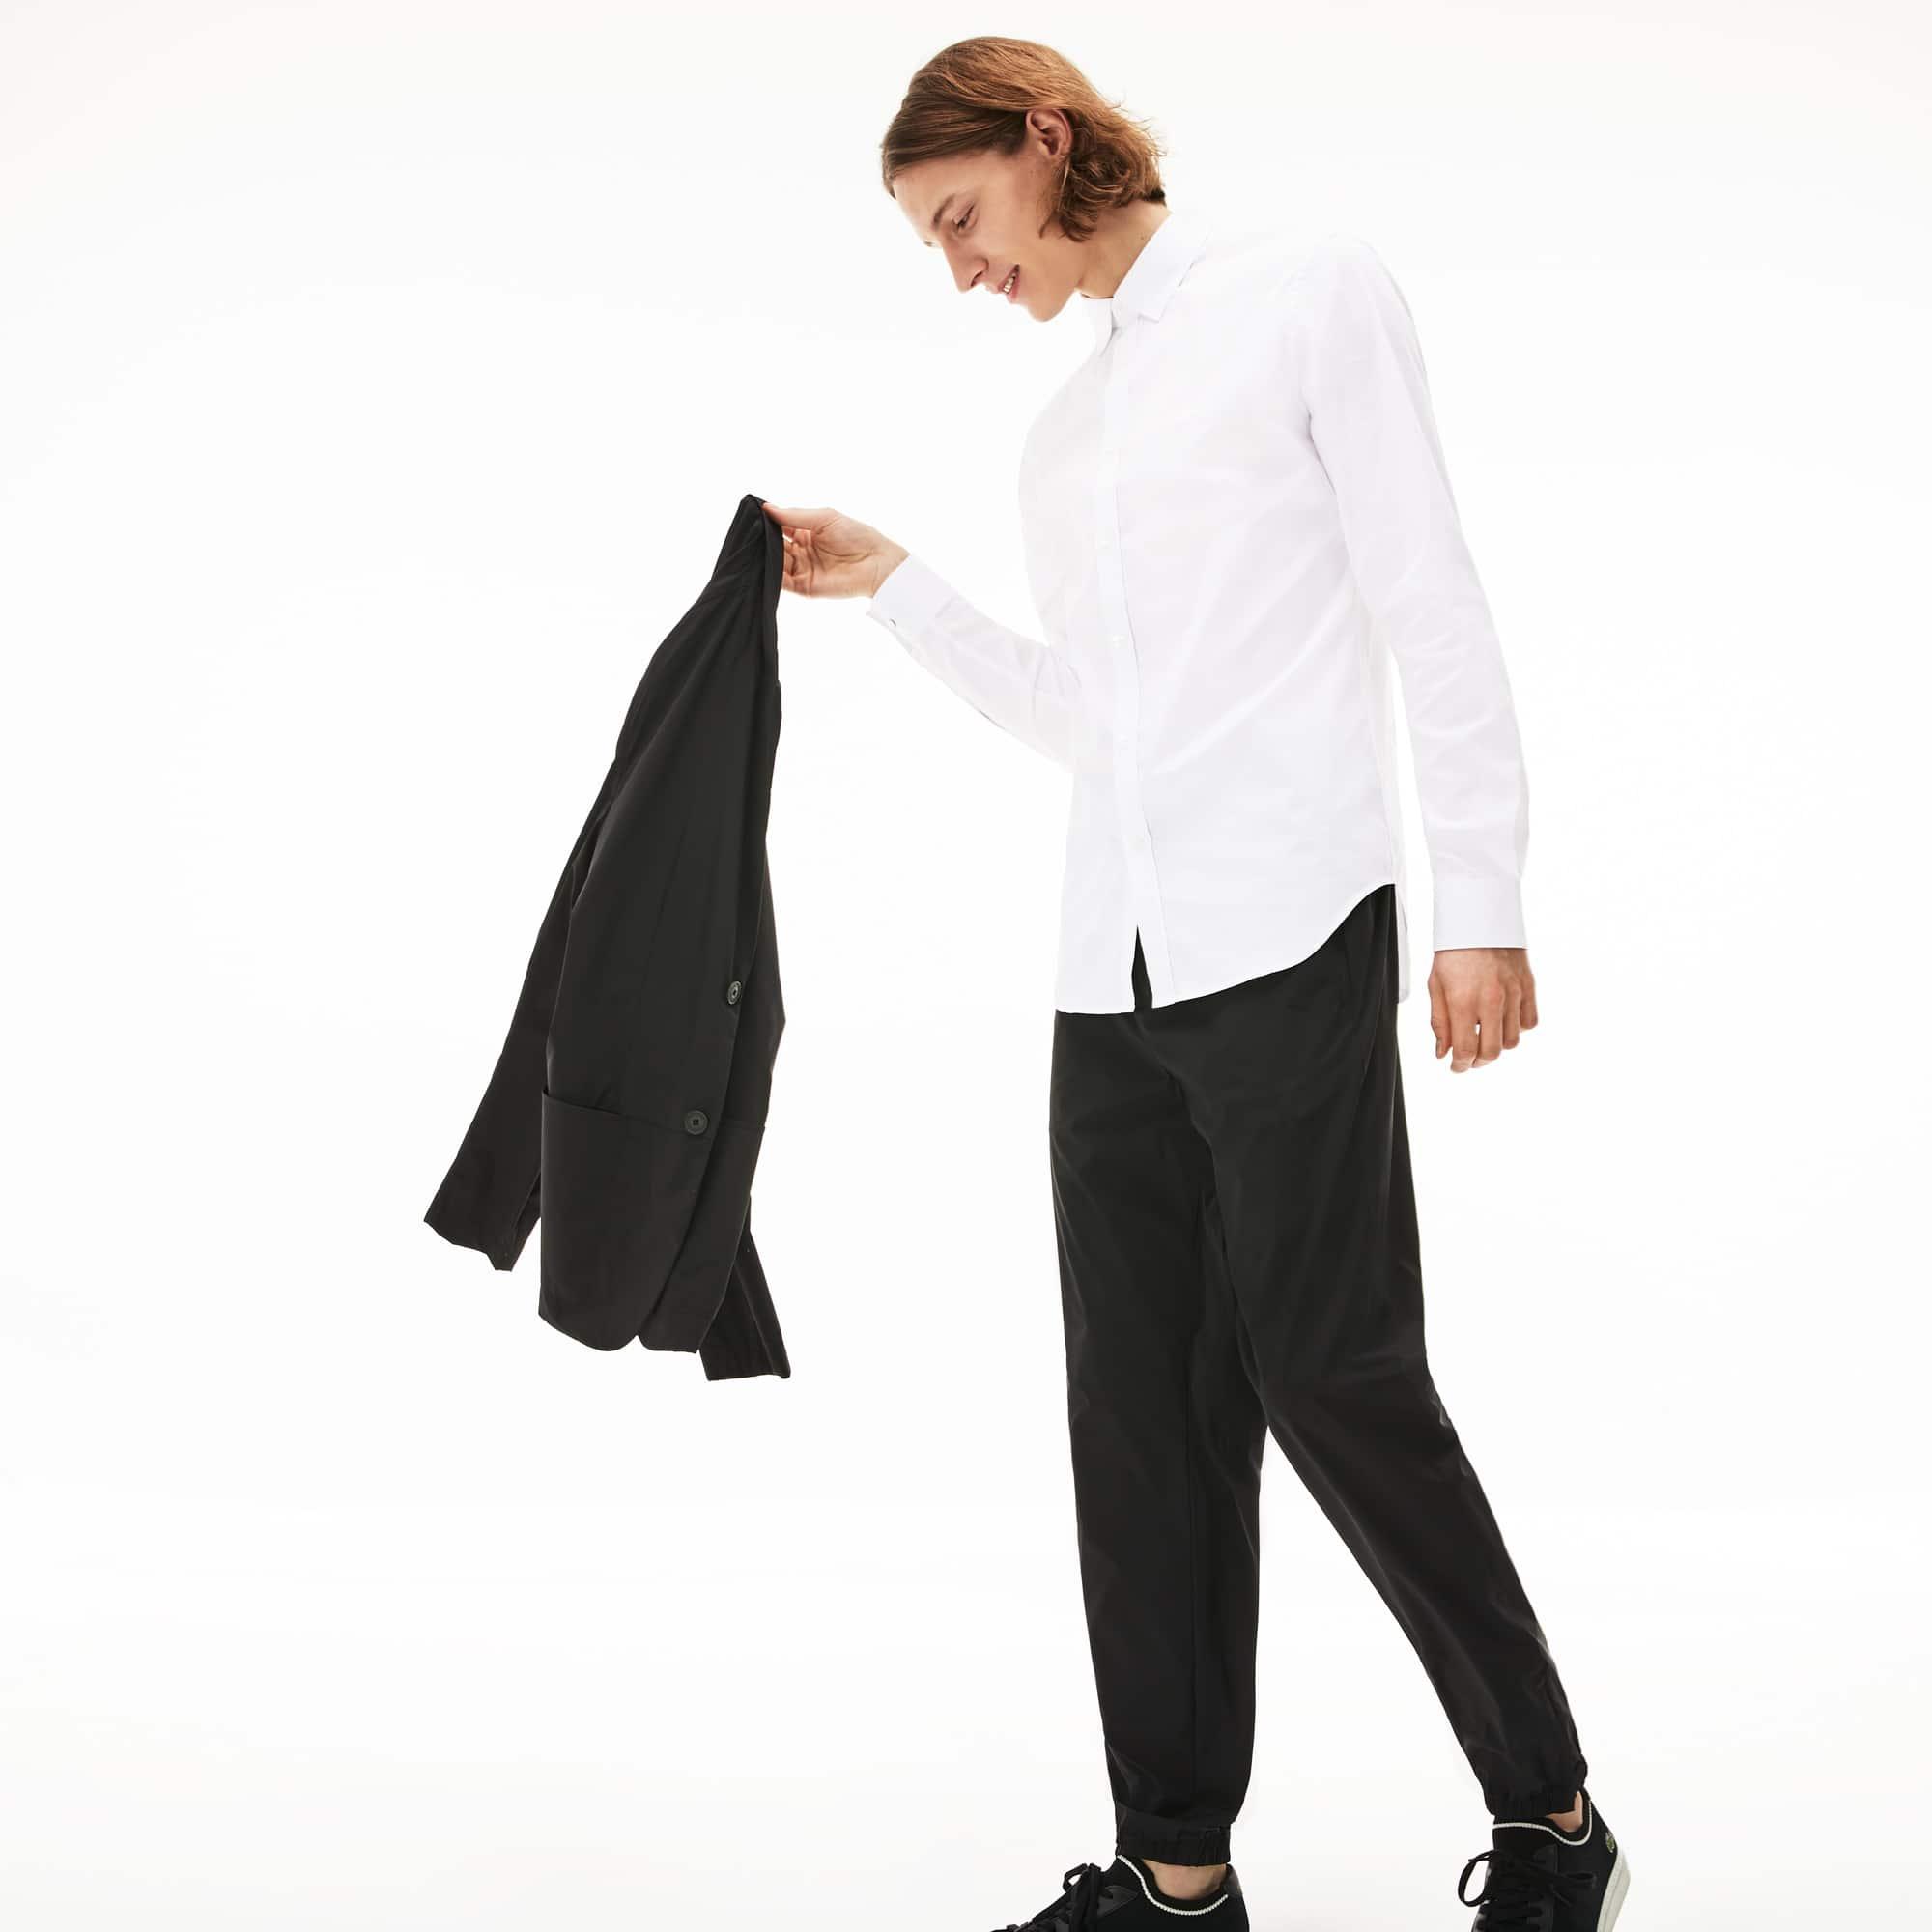 Shirts for men | Men's fashion | LACOSTE